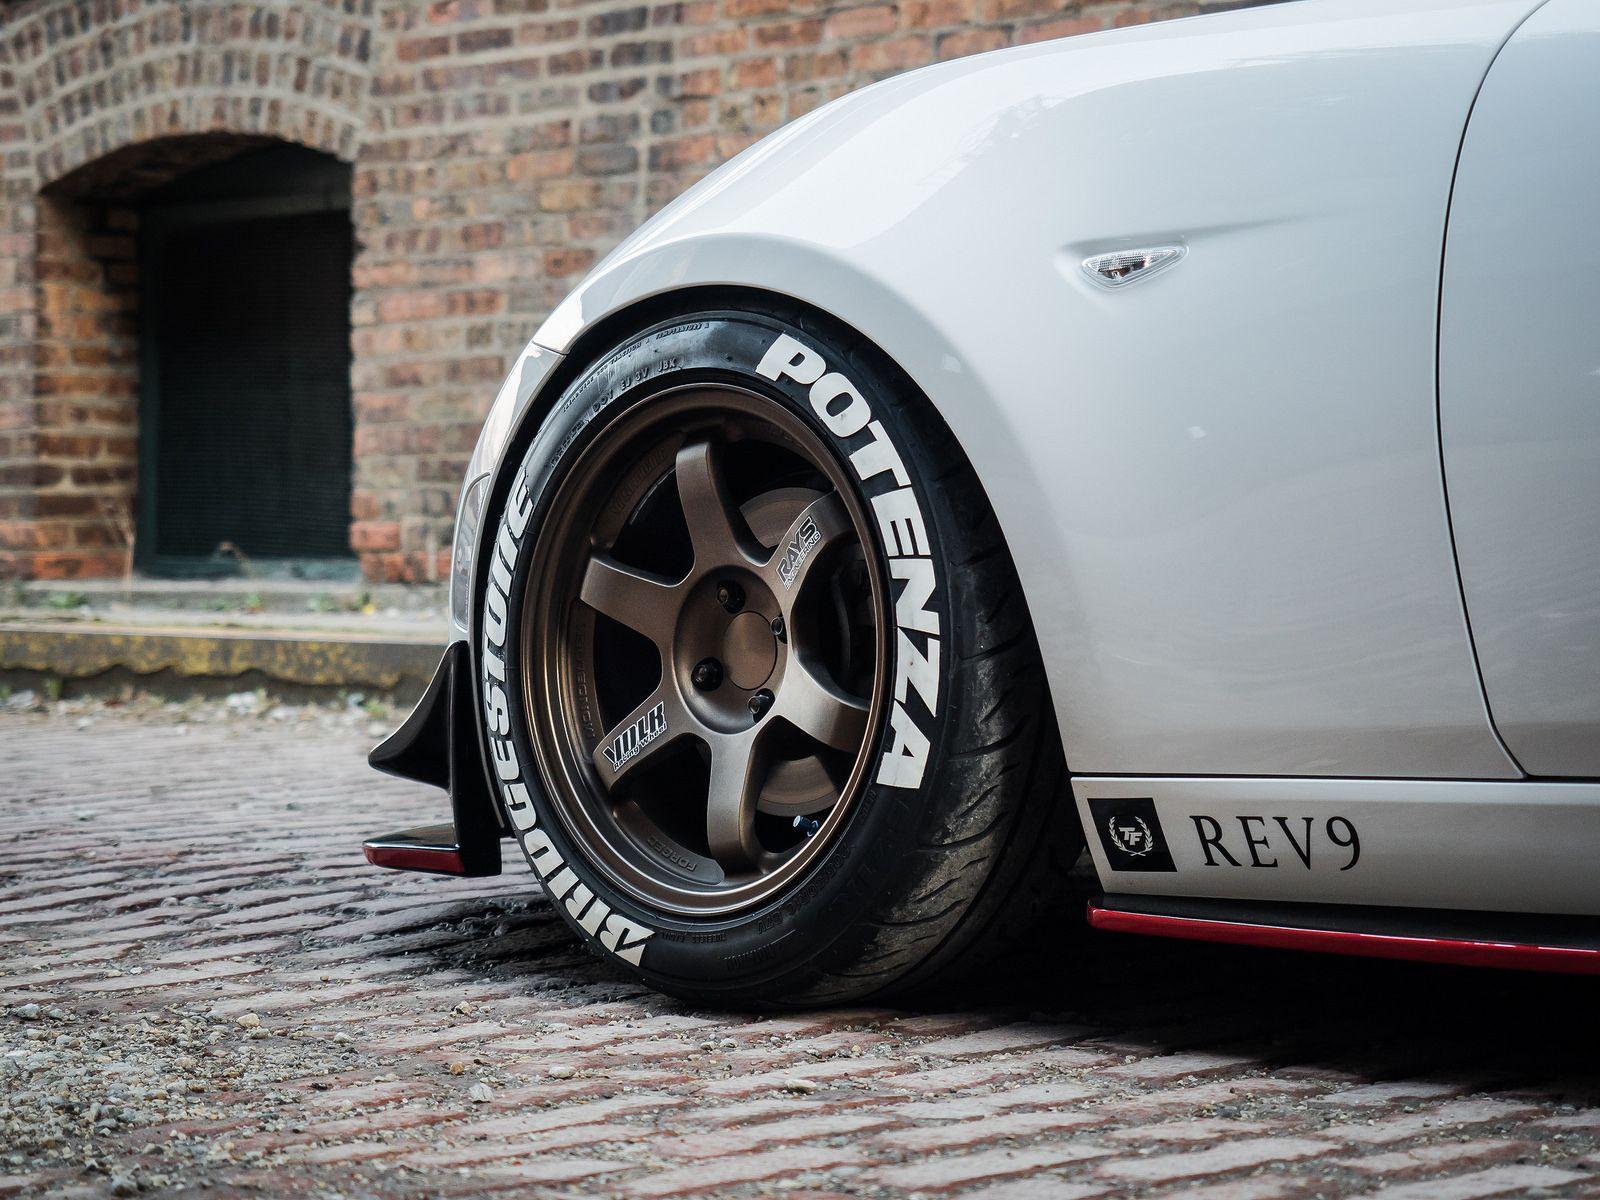 Volk Racing MTE37 new Miata ND sizing 16x8 +25 - Page 4 - MX-5 Miata